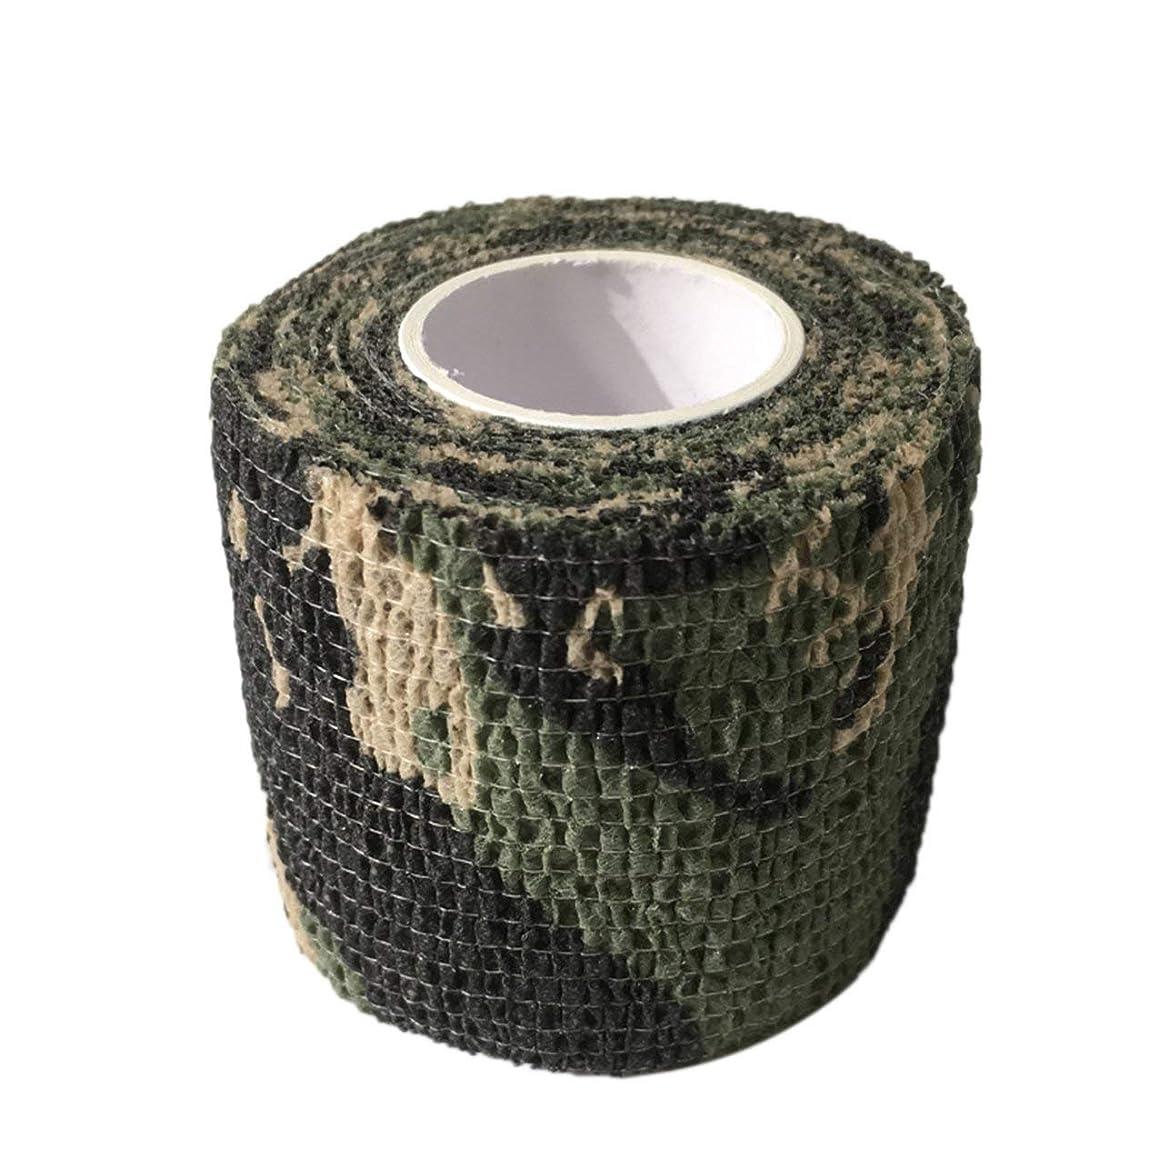 より平らな胃チャンバーDeeploveUU 使い捨てタトゥーグリップカバーラップ自己接着弾性包帯タトゥーマシンハンドルタトゥーアクセサリー